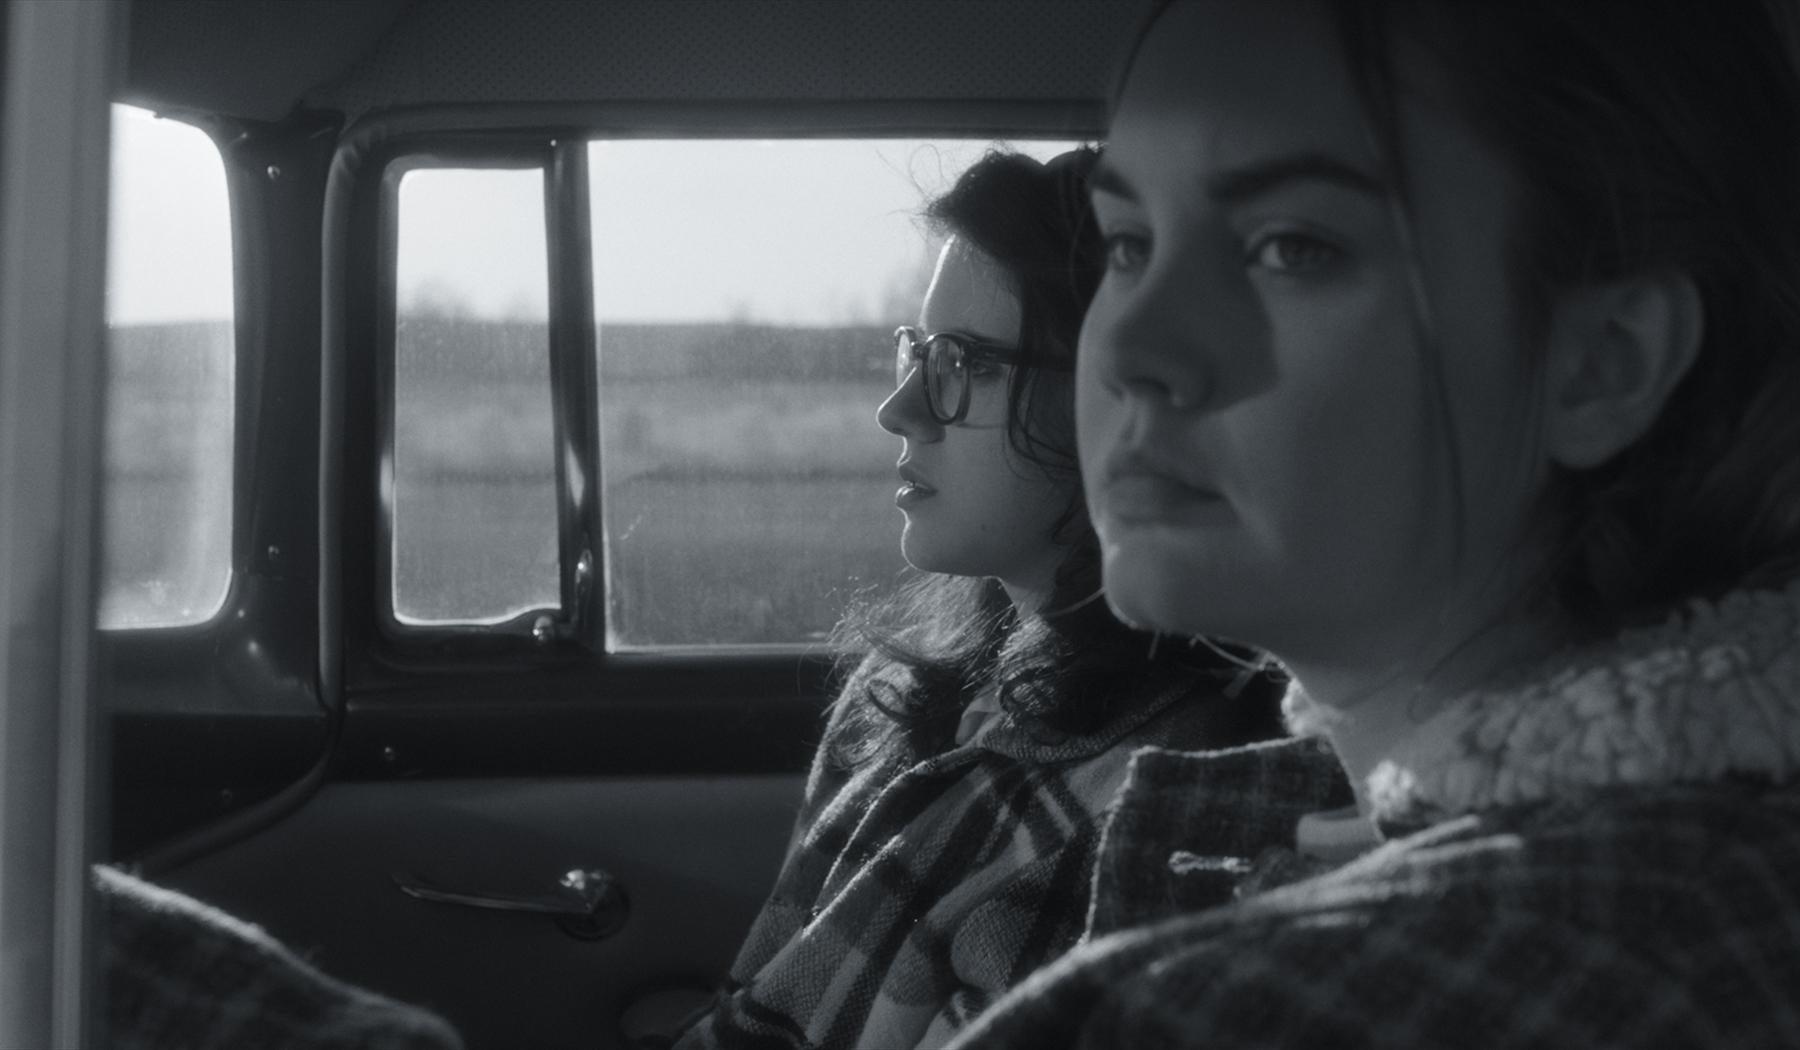 Velvet Buzzsaw Trailer Jake Gyllenhaal Stars In New Netflix